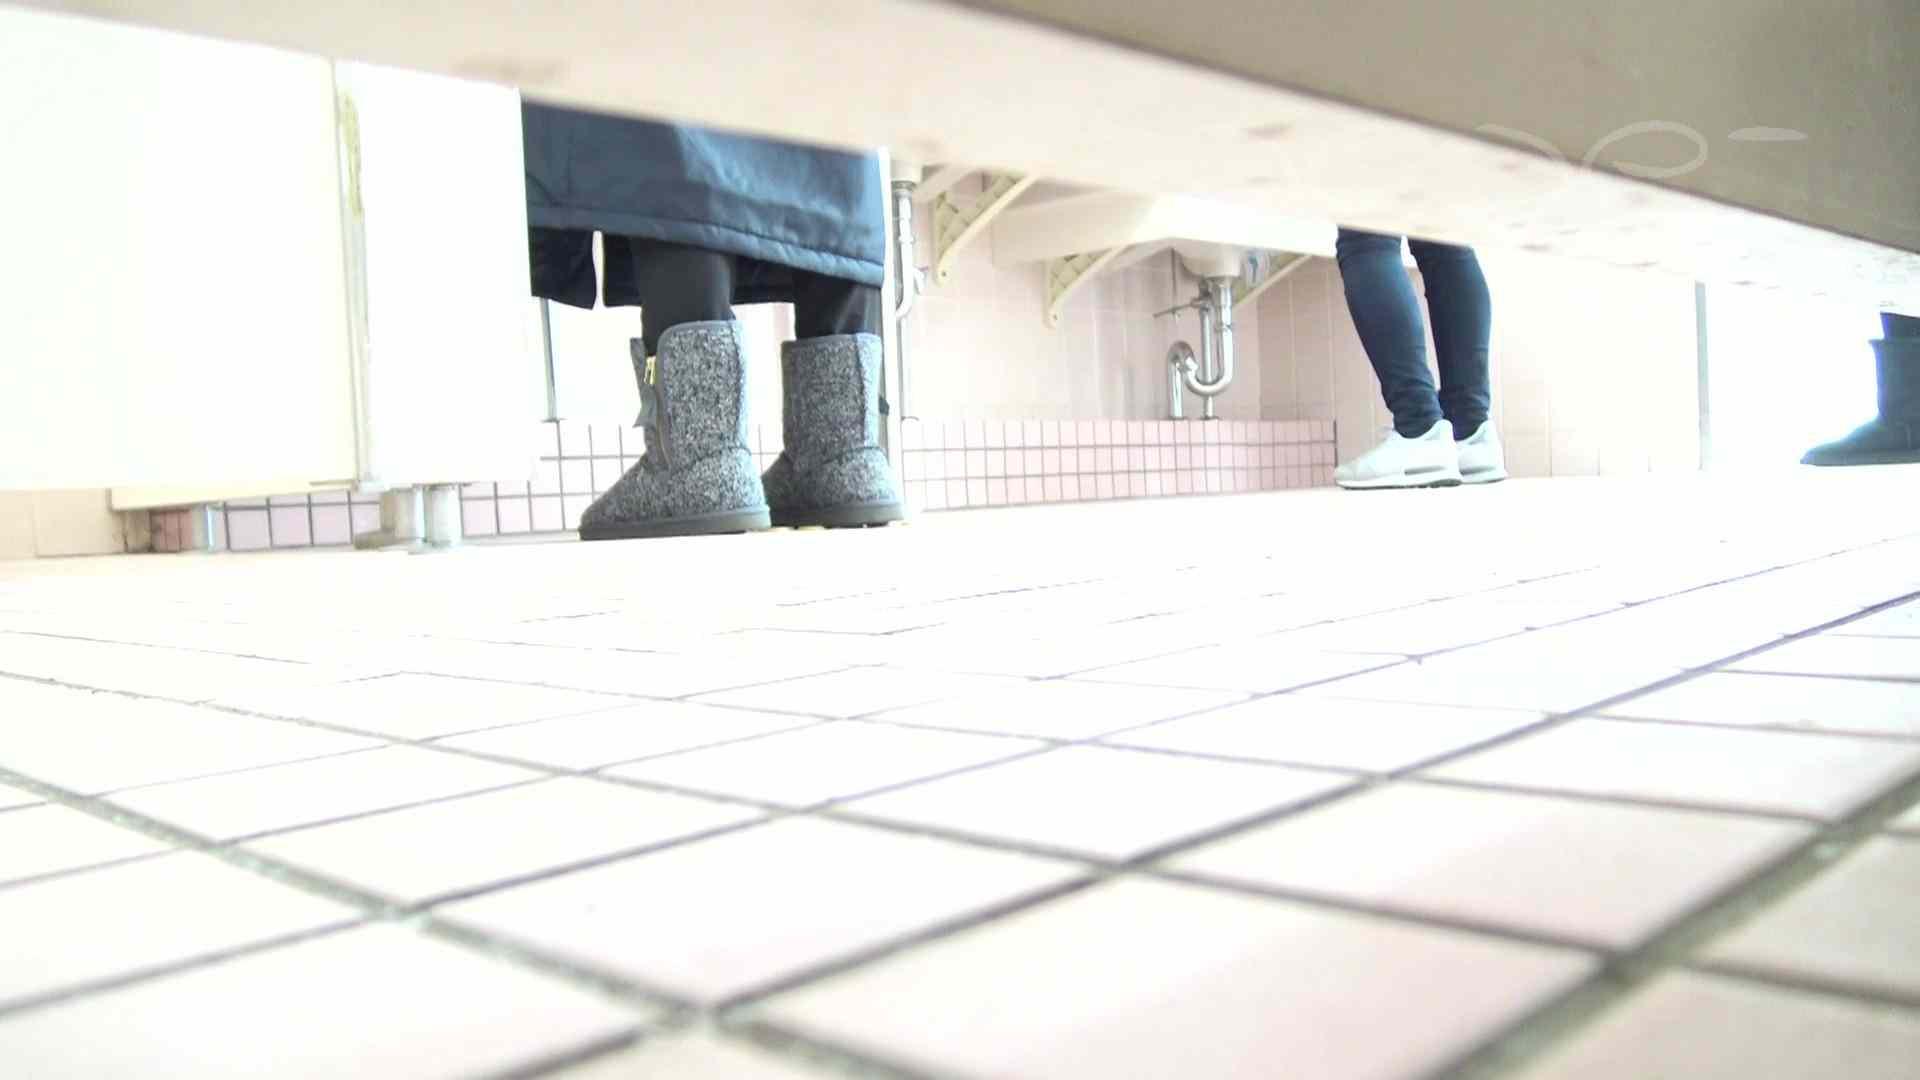 アダルトエロ動画|至高洗面所盗撮 31 至高体育館2カメ撮り今回は、年齢層高めで!!|怪盗ジョーカー